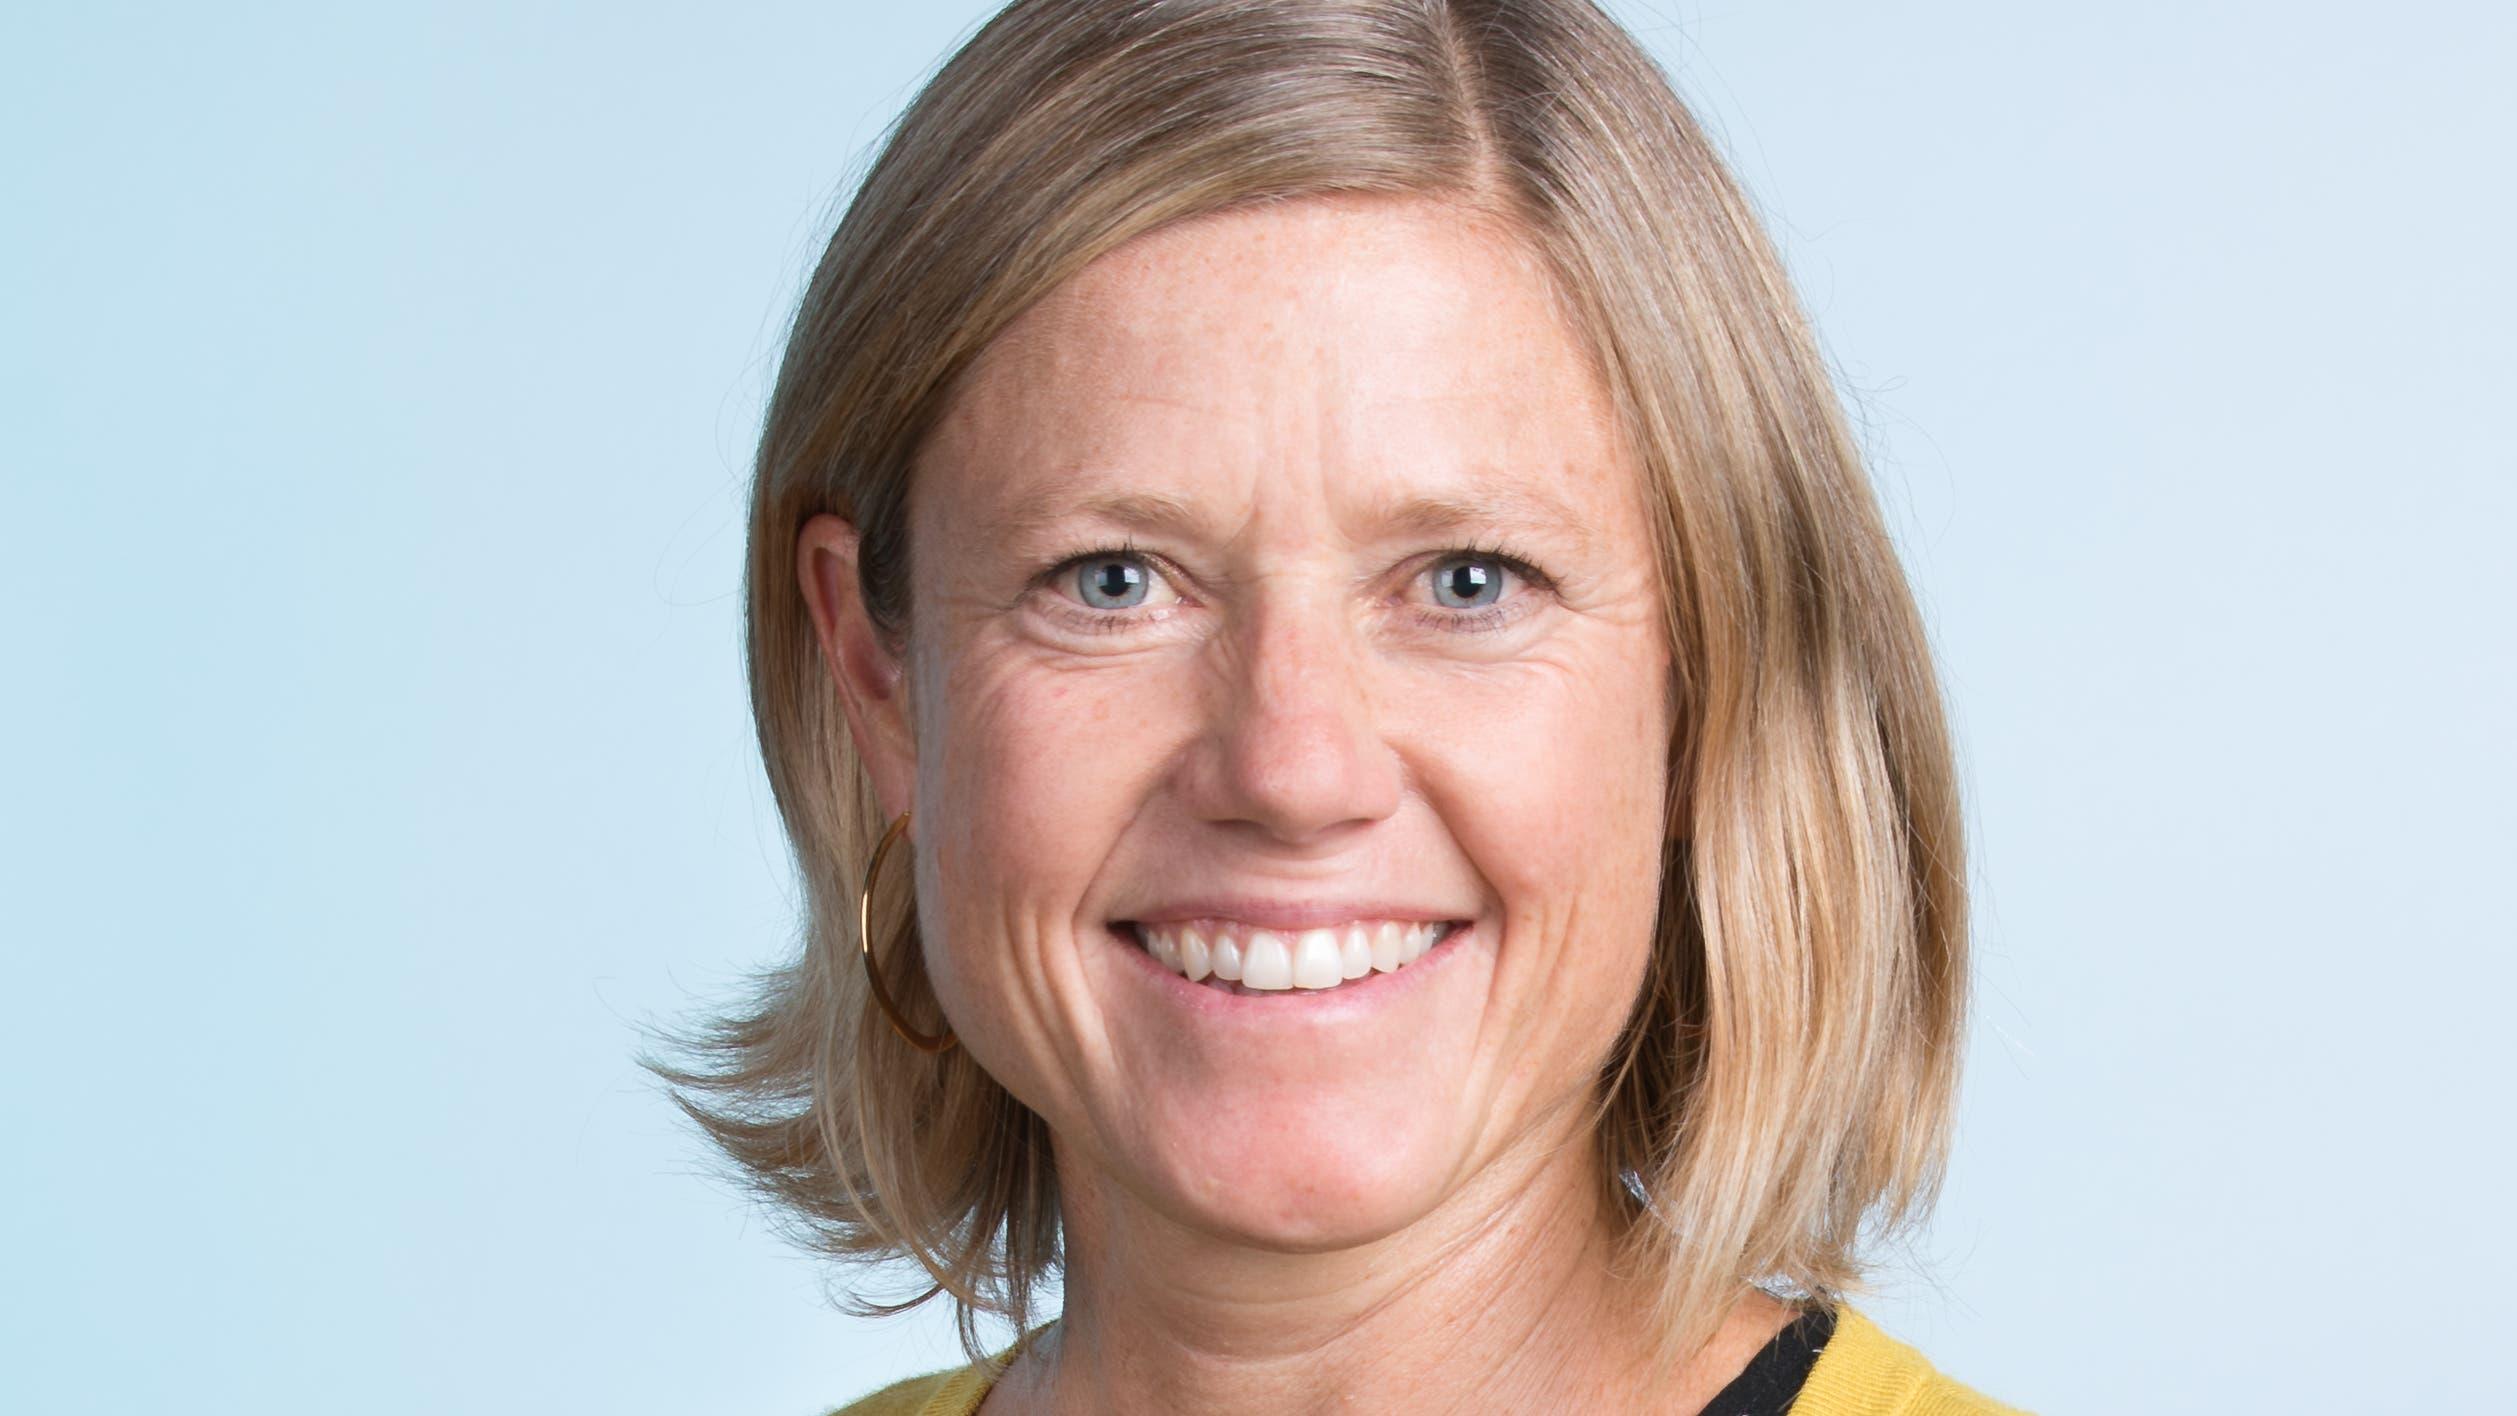 Florence Brenzikofer: Das Ziel der grünen Parteispitze ist klar: Der ehemaligen Präsidentin Florence Brenzikofer wurde der Spitzenplatz auf der Kandidatenliste zugehalten. Sie soll für Maya Graf nachrücken, falls diese den Sprung in den Ständerat schafft. (Bild: zvg)